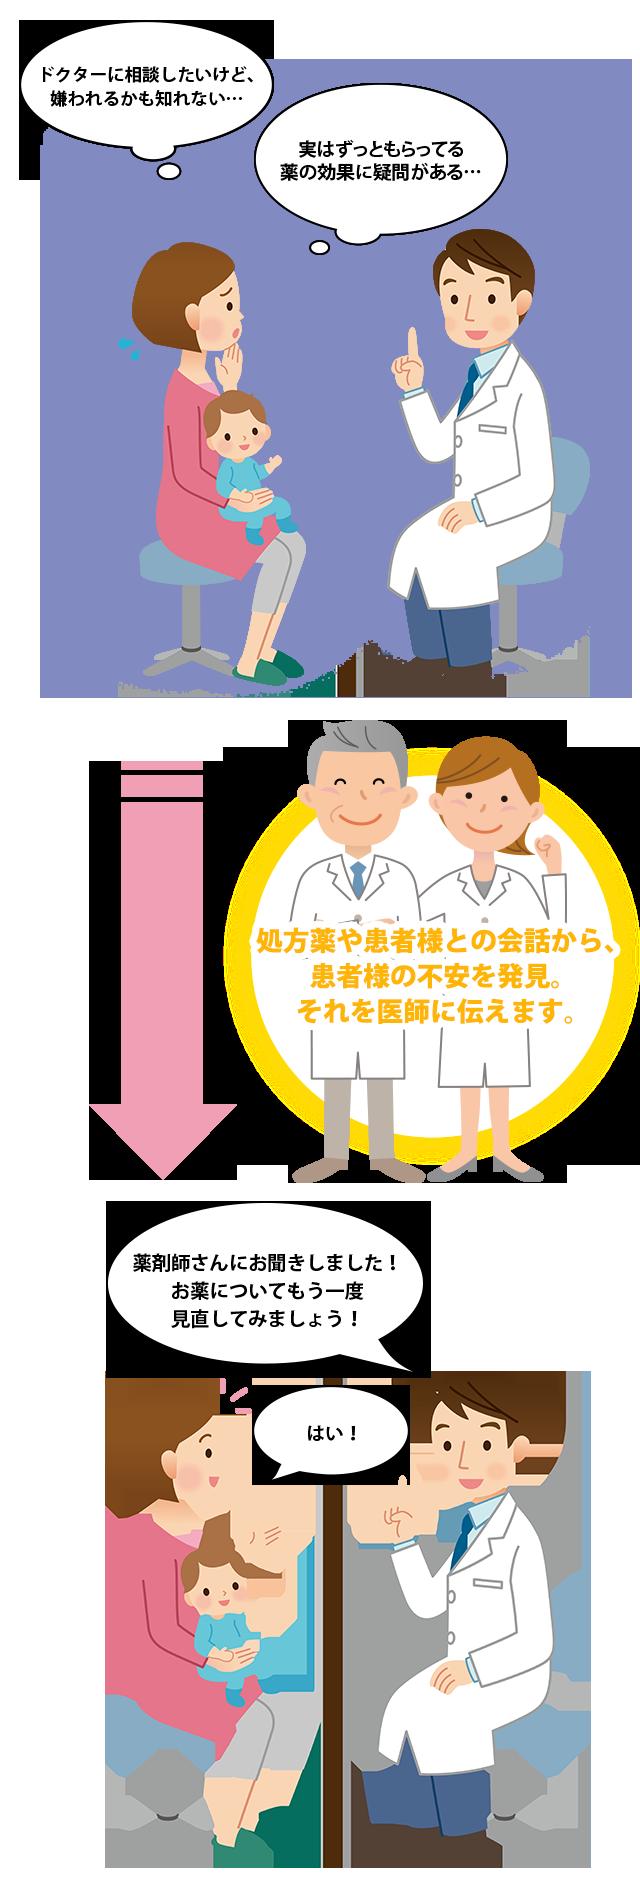 ドクターと患者様の架け橋